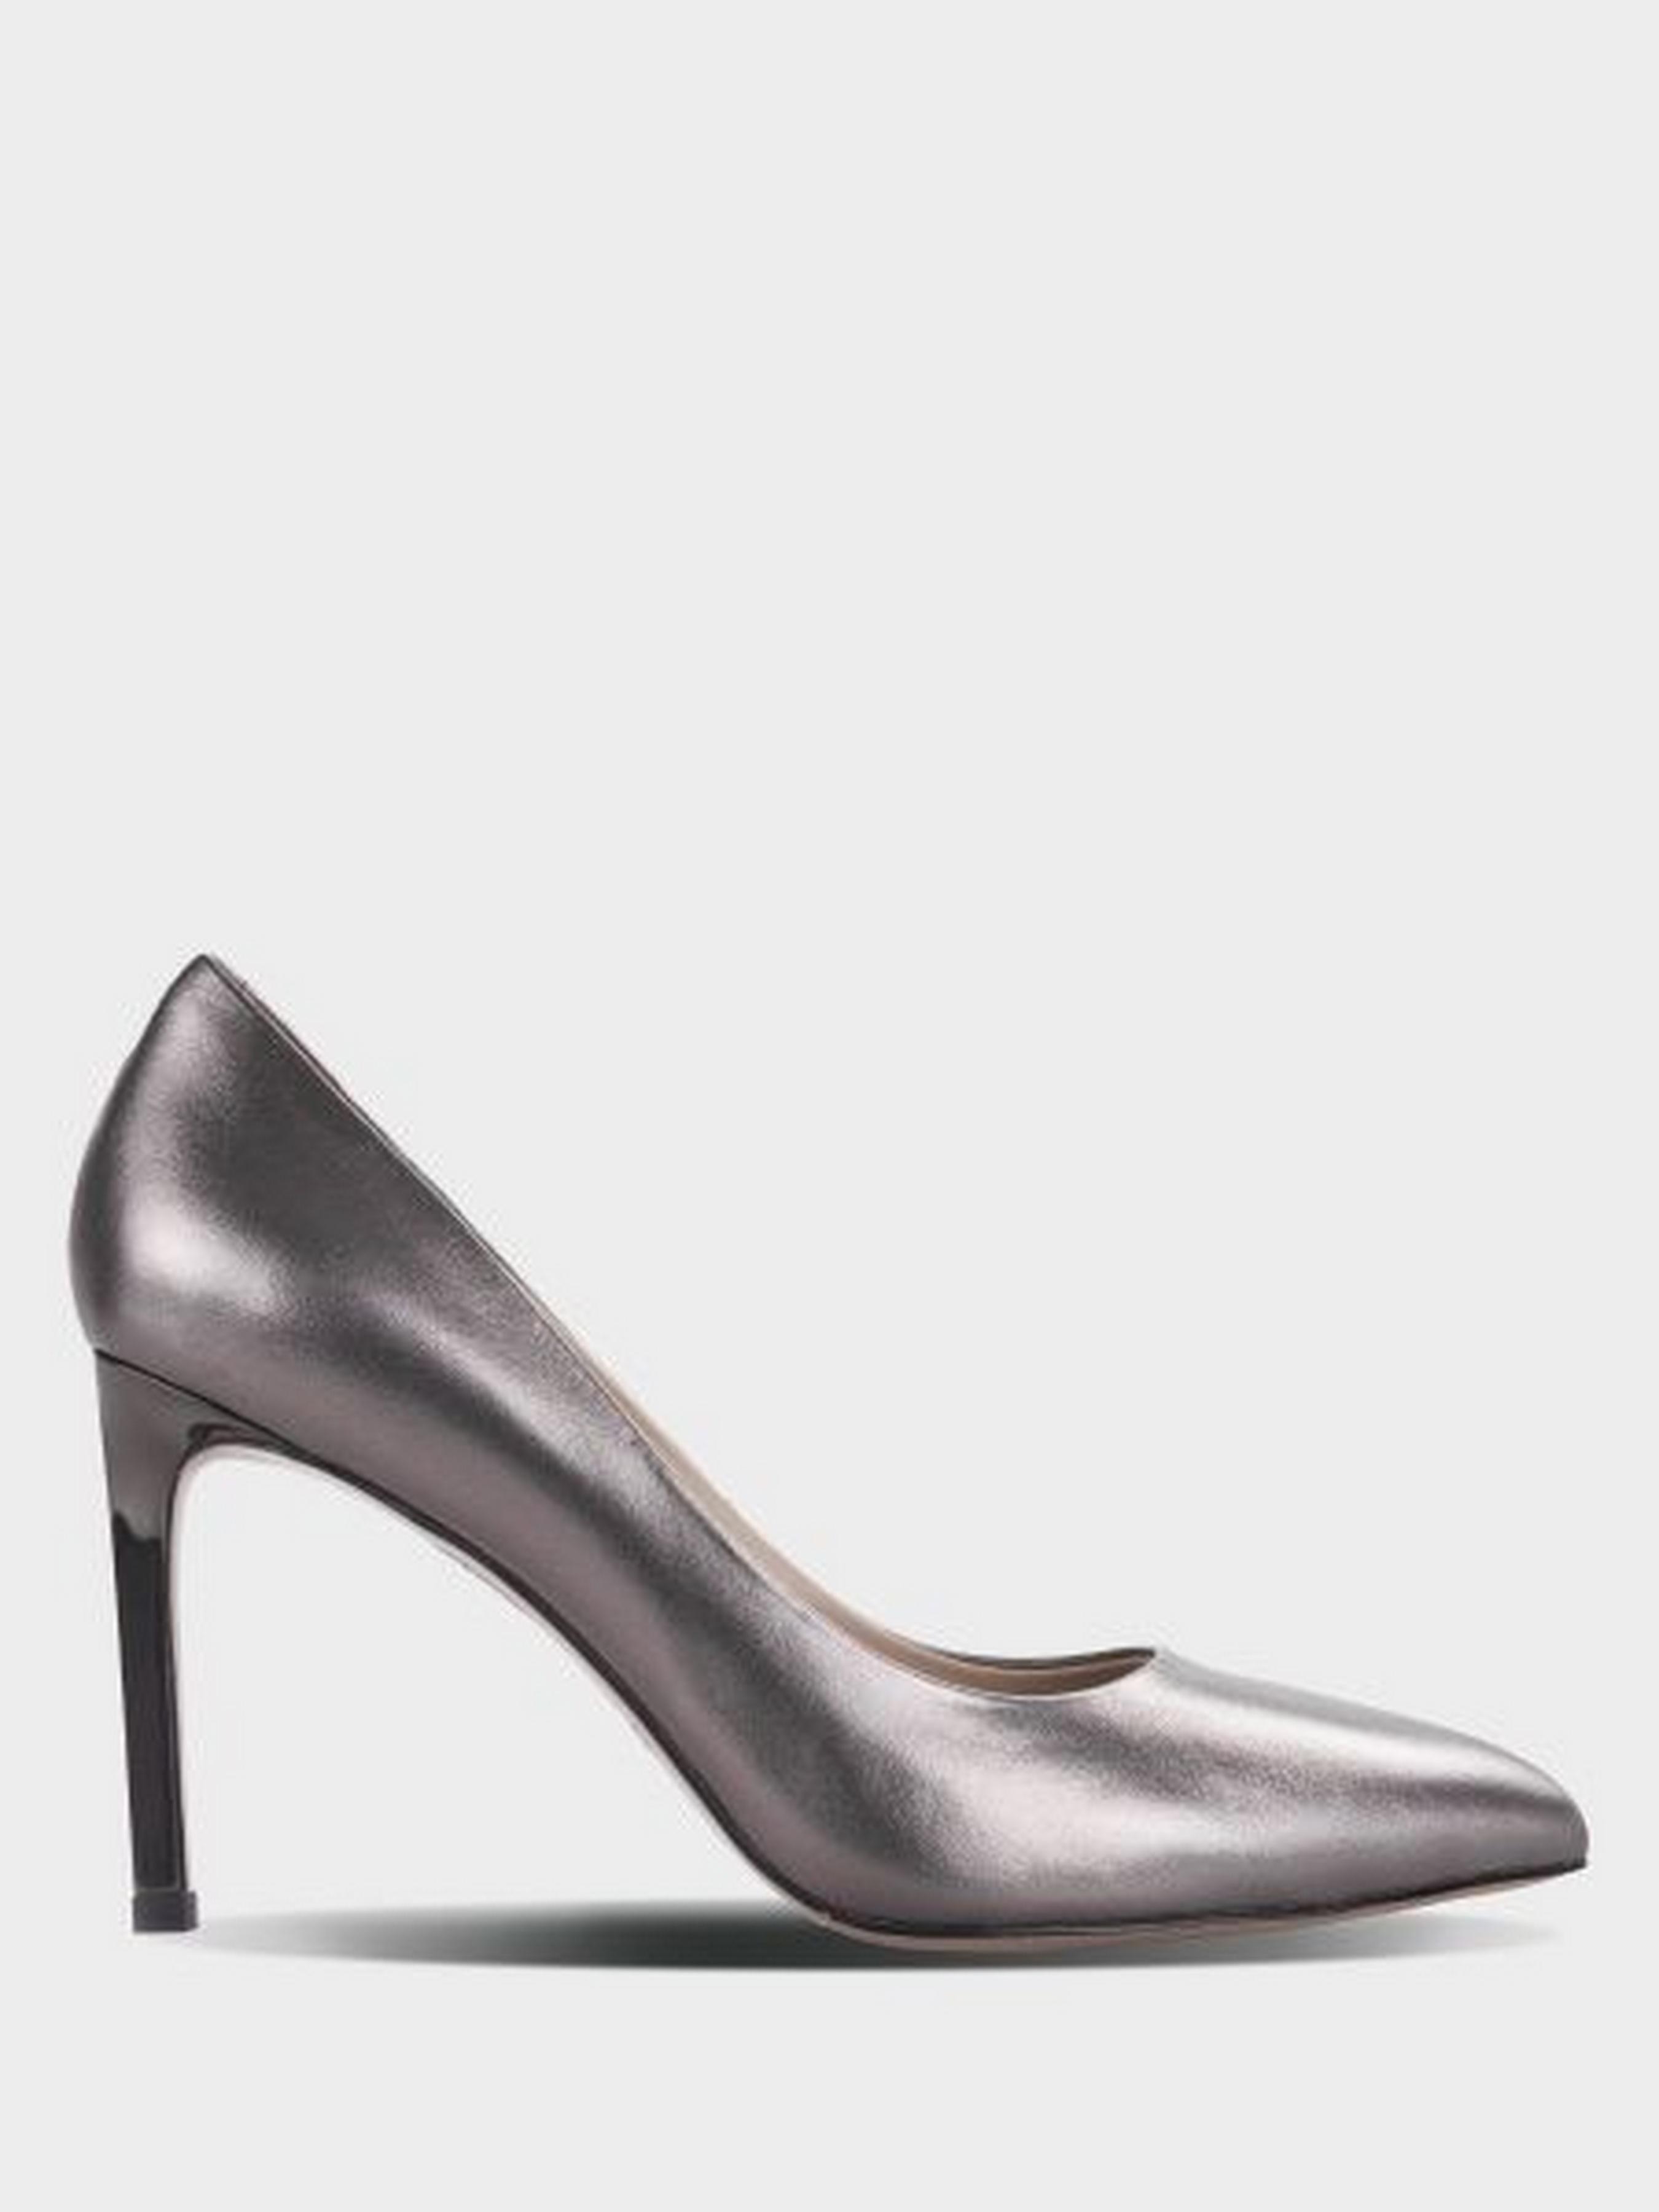 Купить Туфли женские Braska туфлі жін.(36-41) BS3088, Серебряный